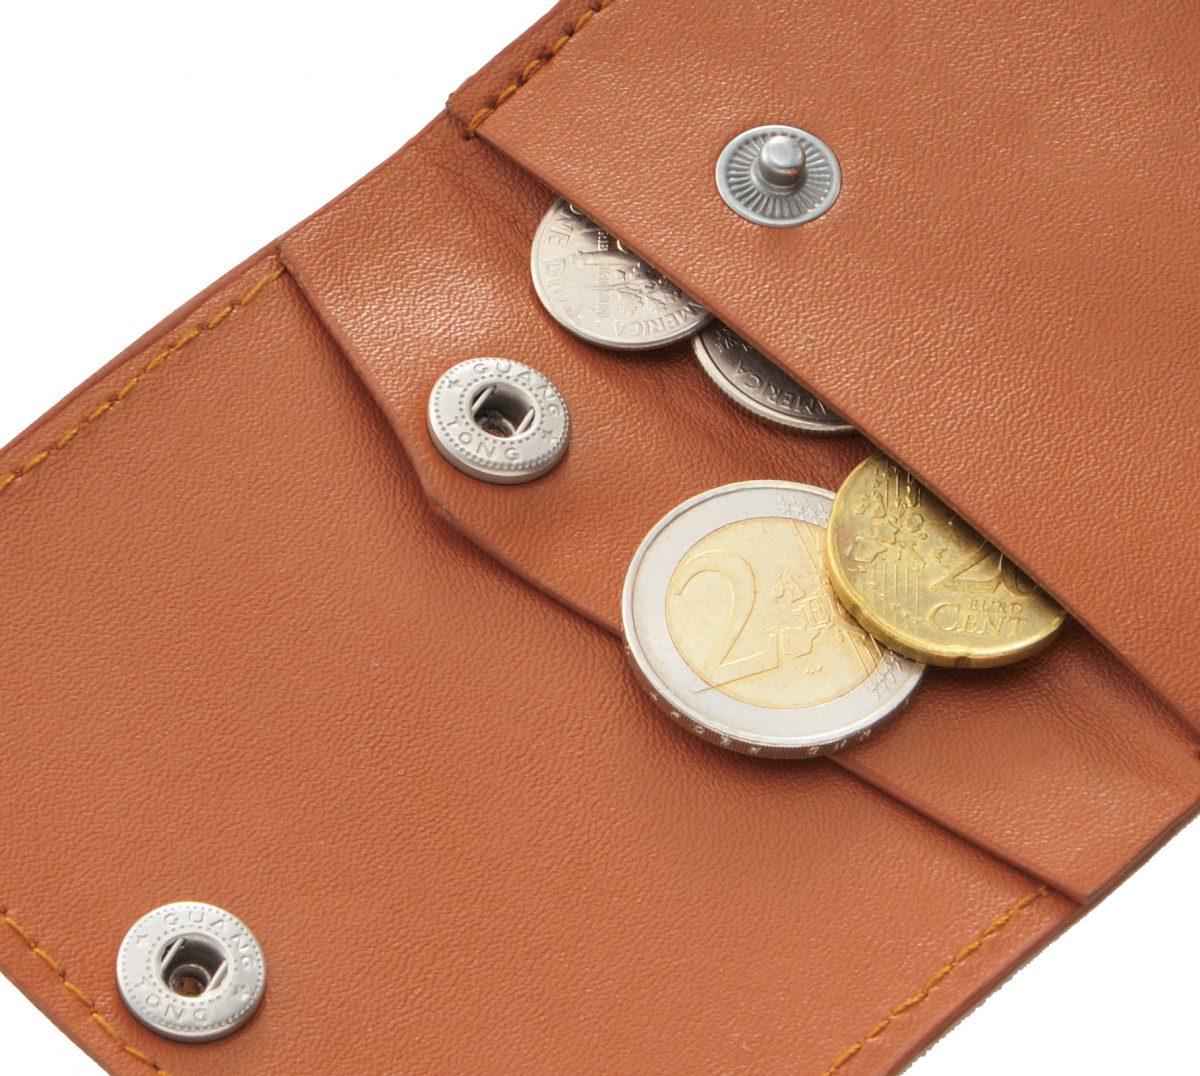 ちいさな三つ折り財布 1個